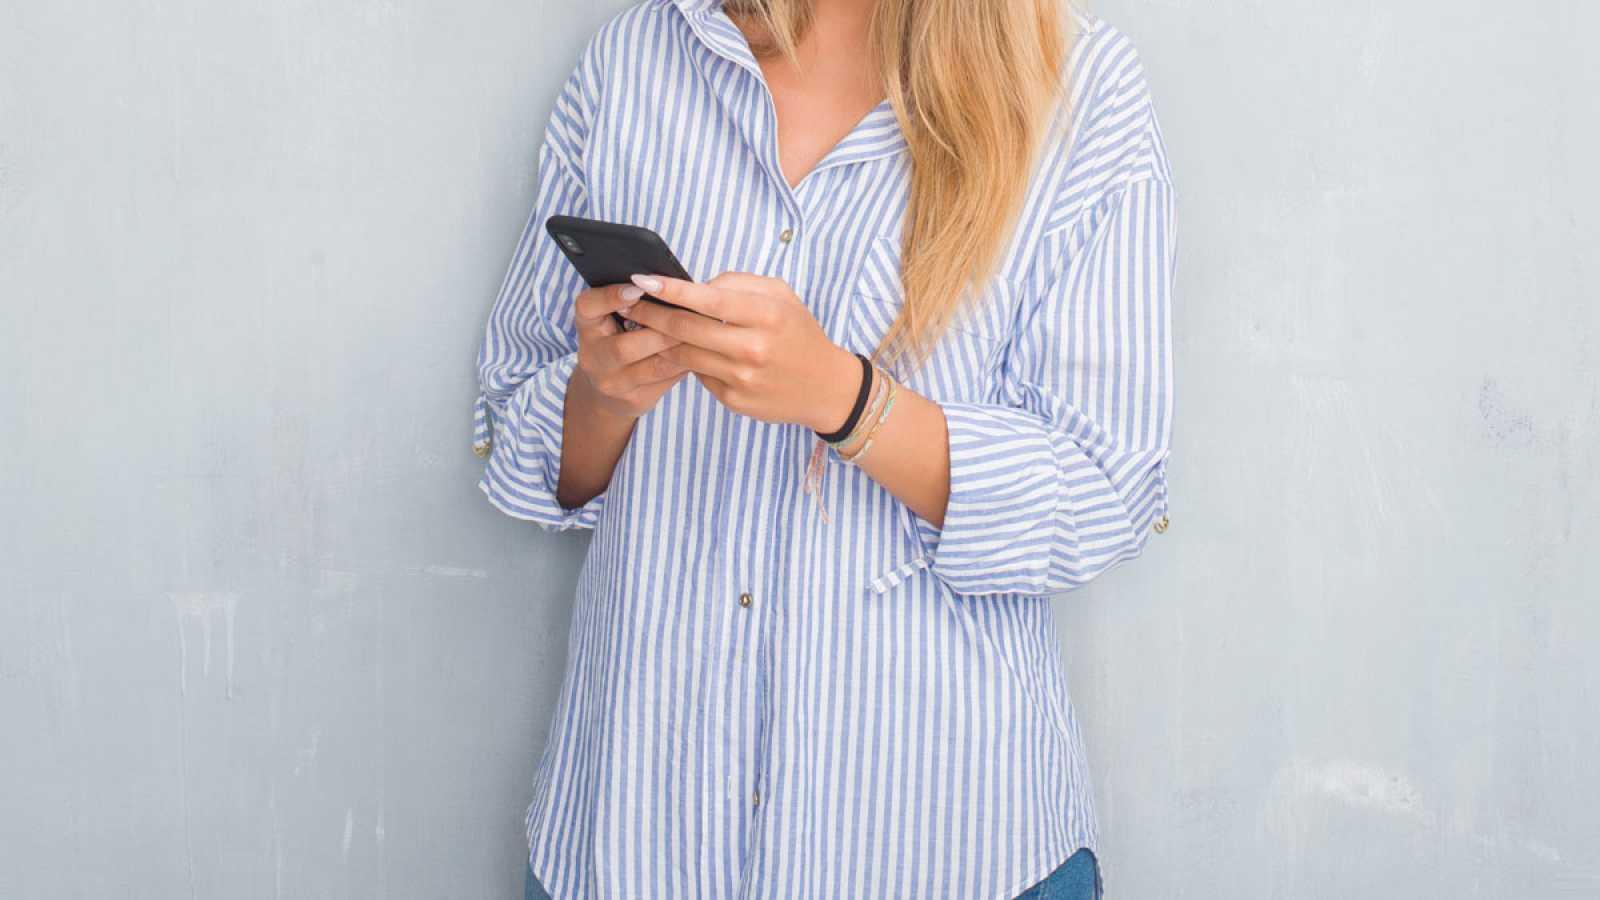 Revisar las Apps del móvil y el consumo de datos, recomendaciones de la AEPD para víctimas de violencia machista